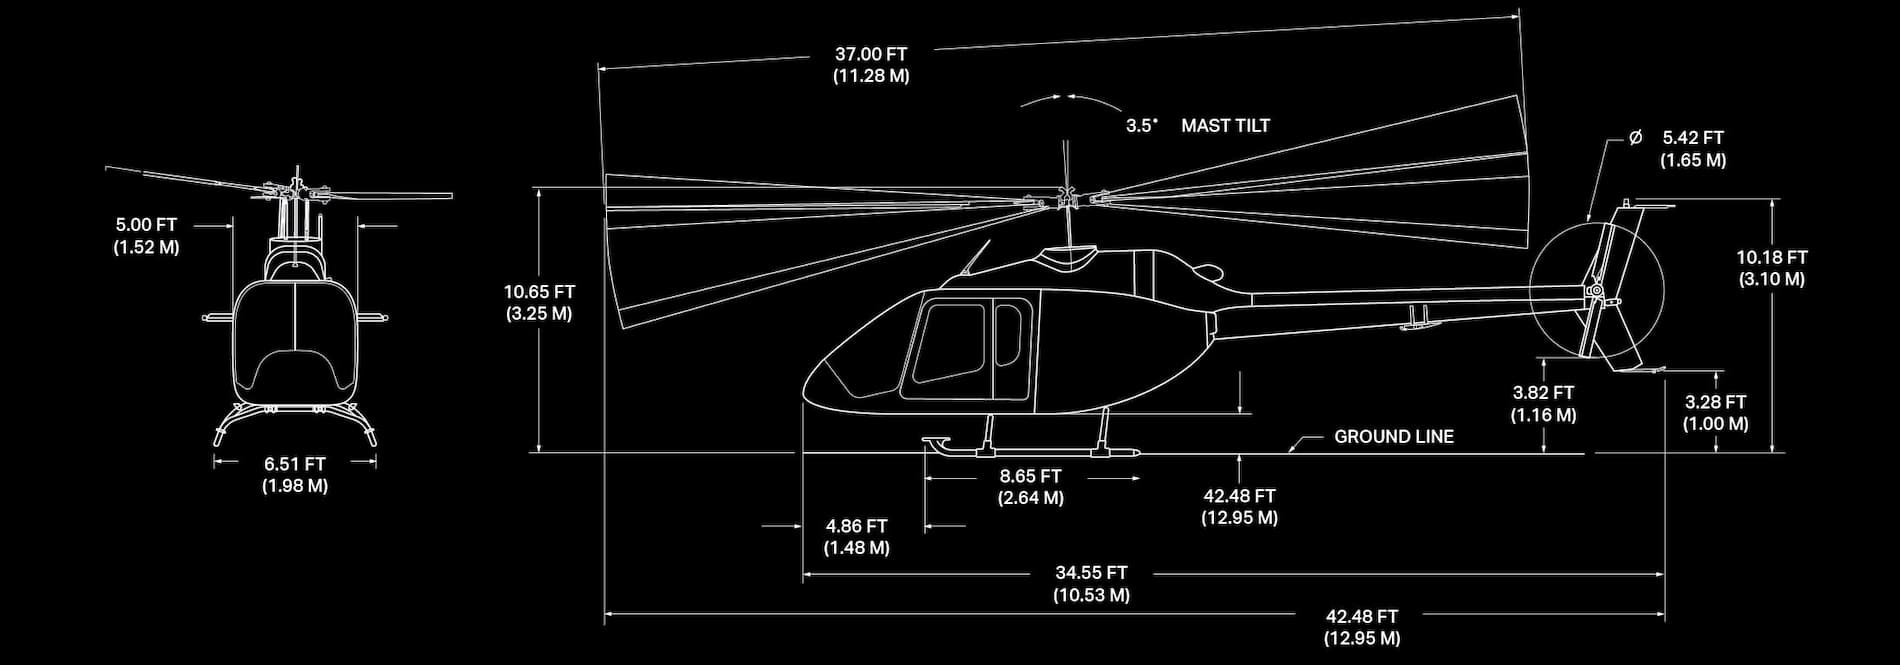 Image des caractéristiques du Bell 505